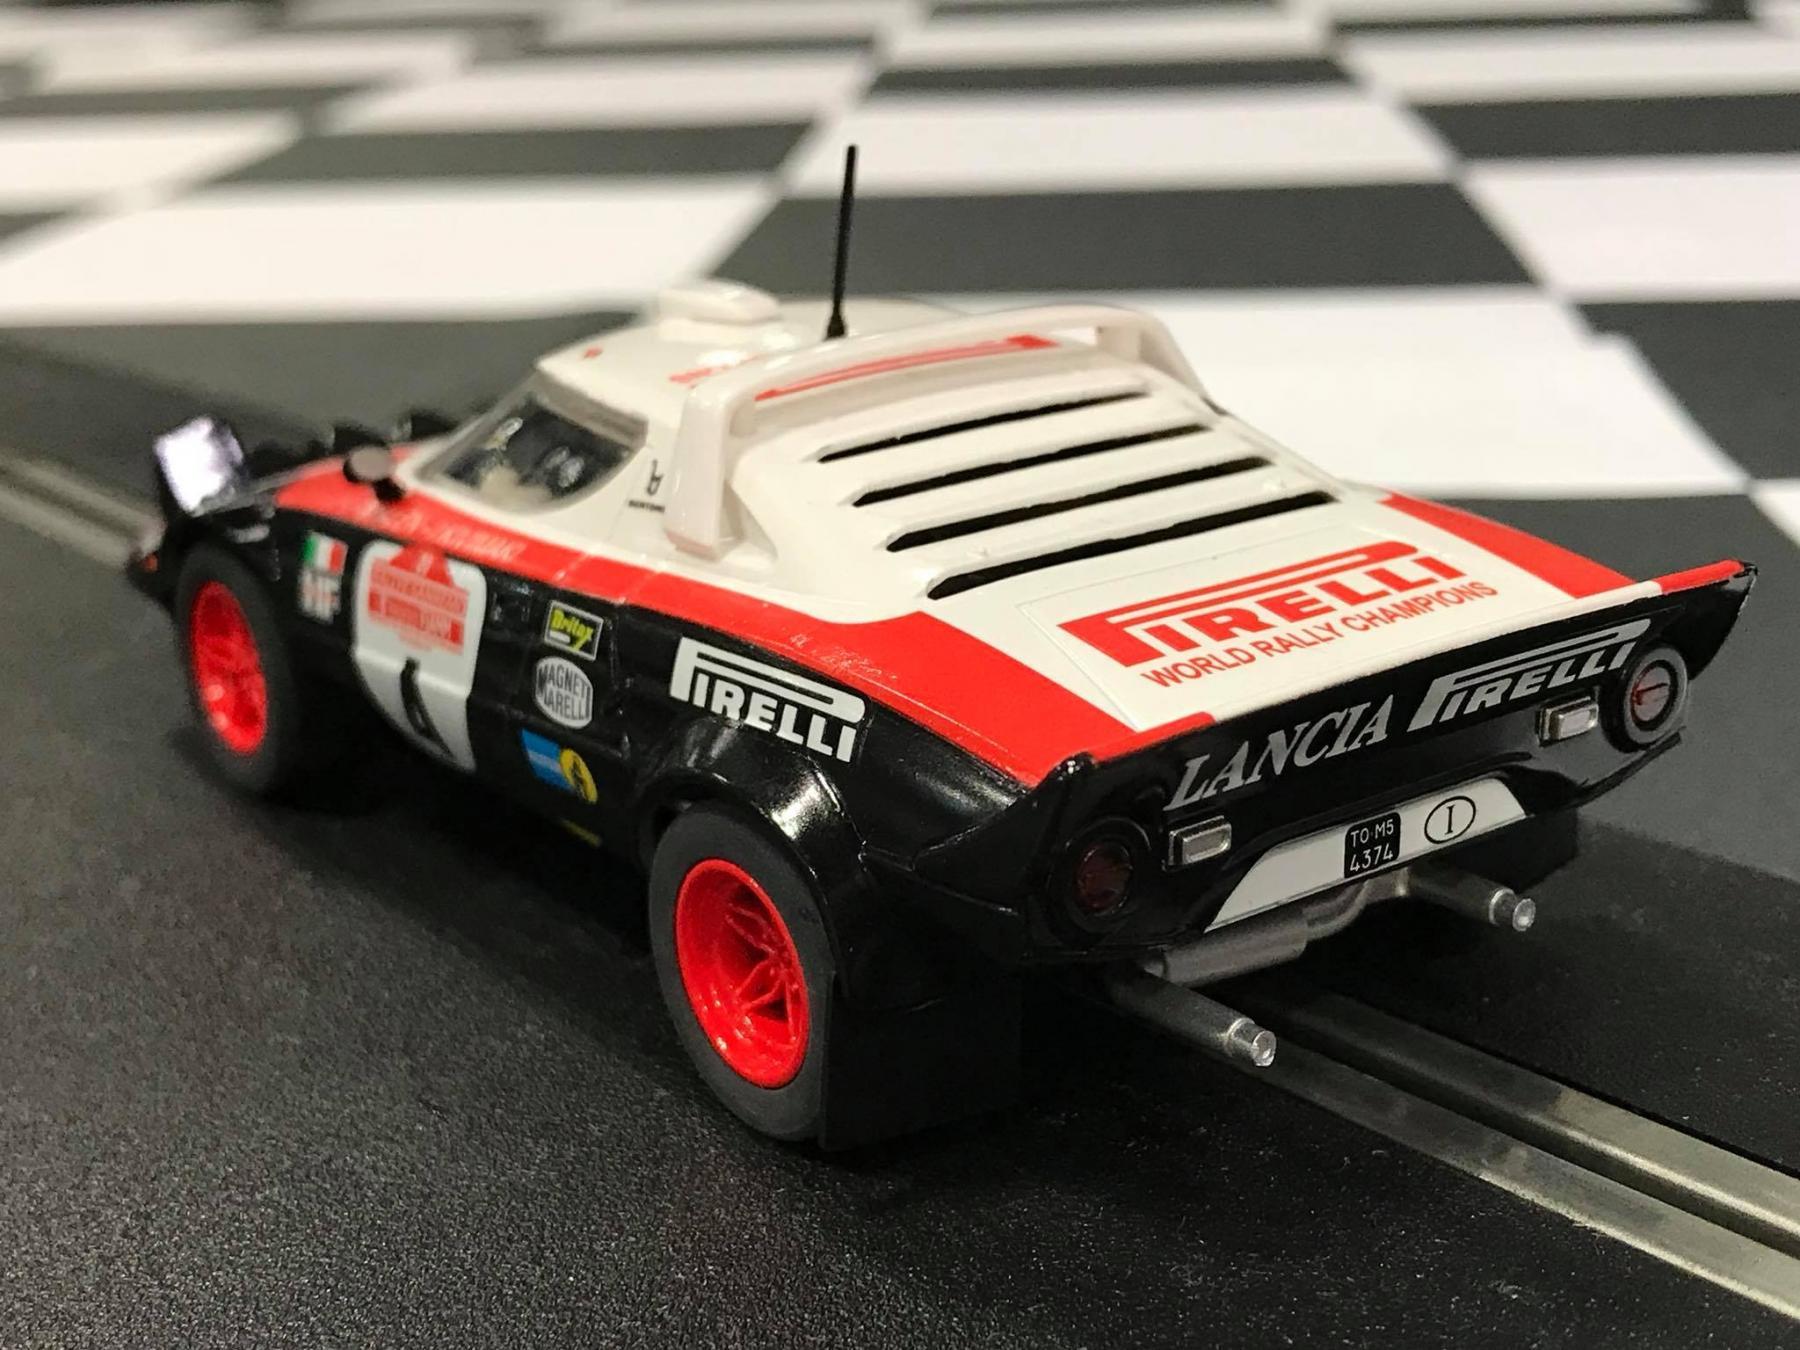 Lancia Stratos R.jpg